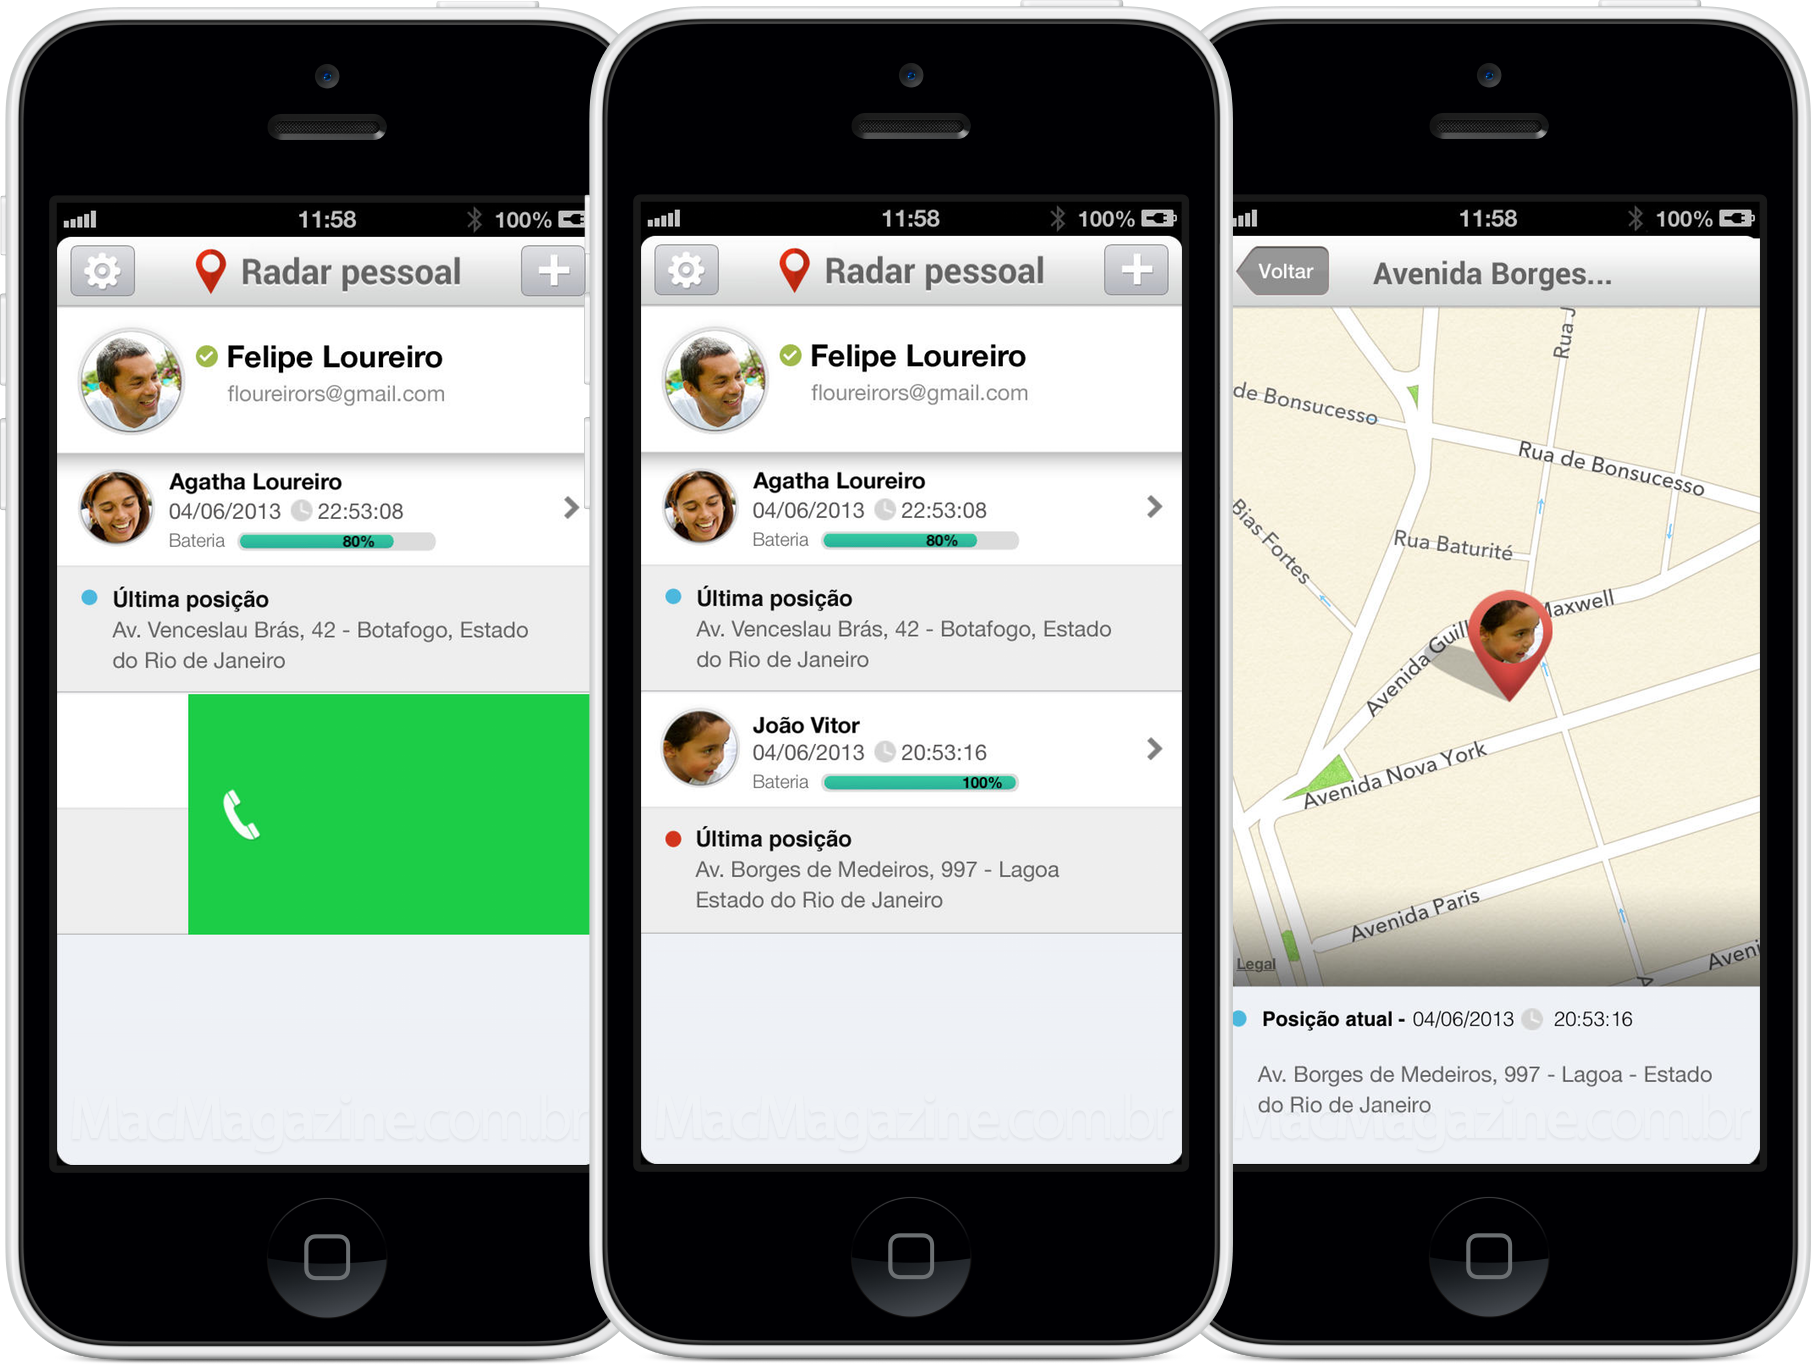 App Radar Pessoal e Corporativo para iPhones/iPods touch